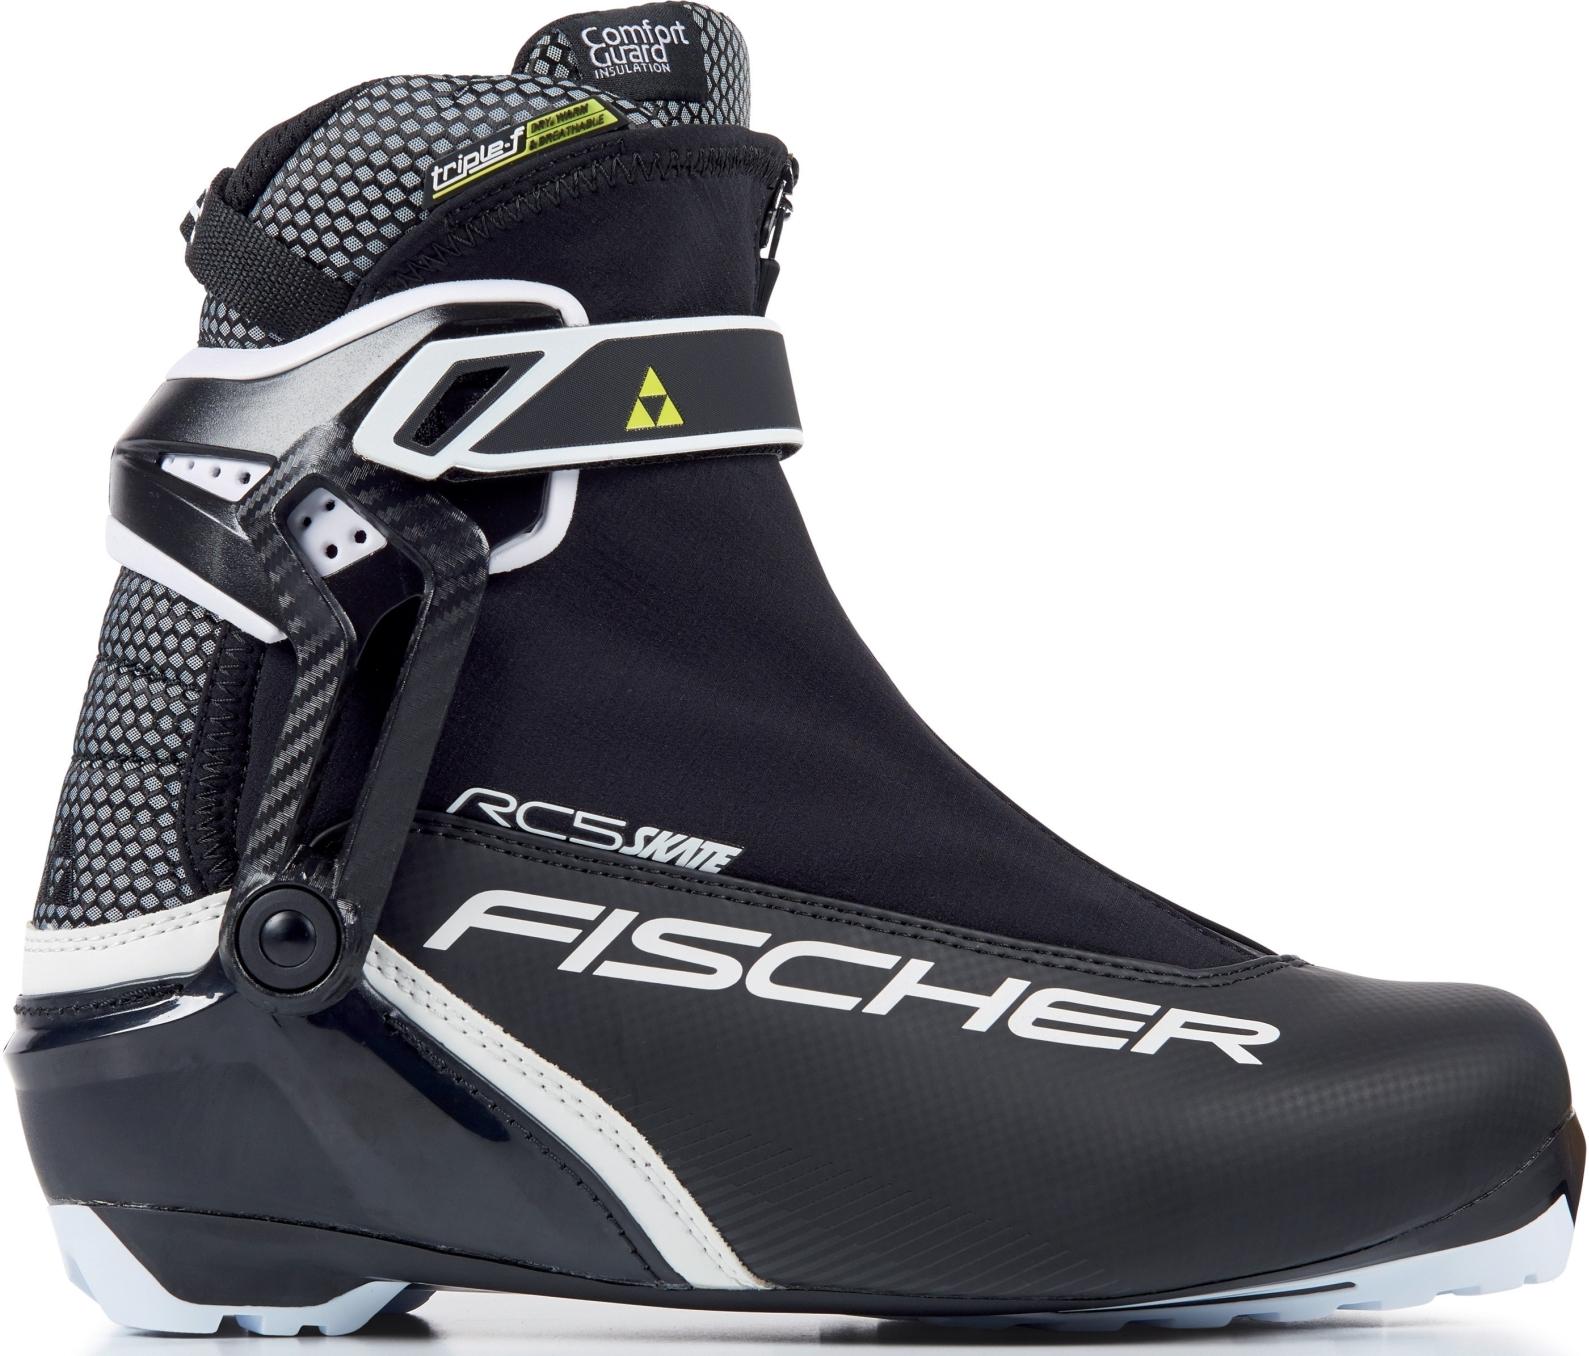 Fischer RC5 Skate 47